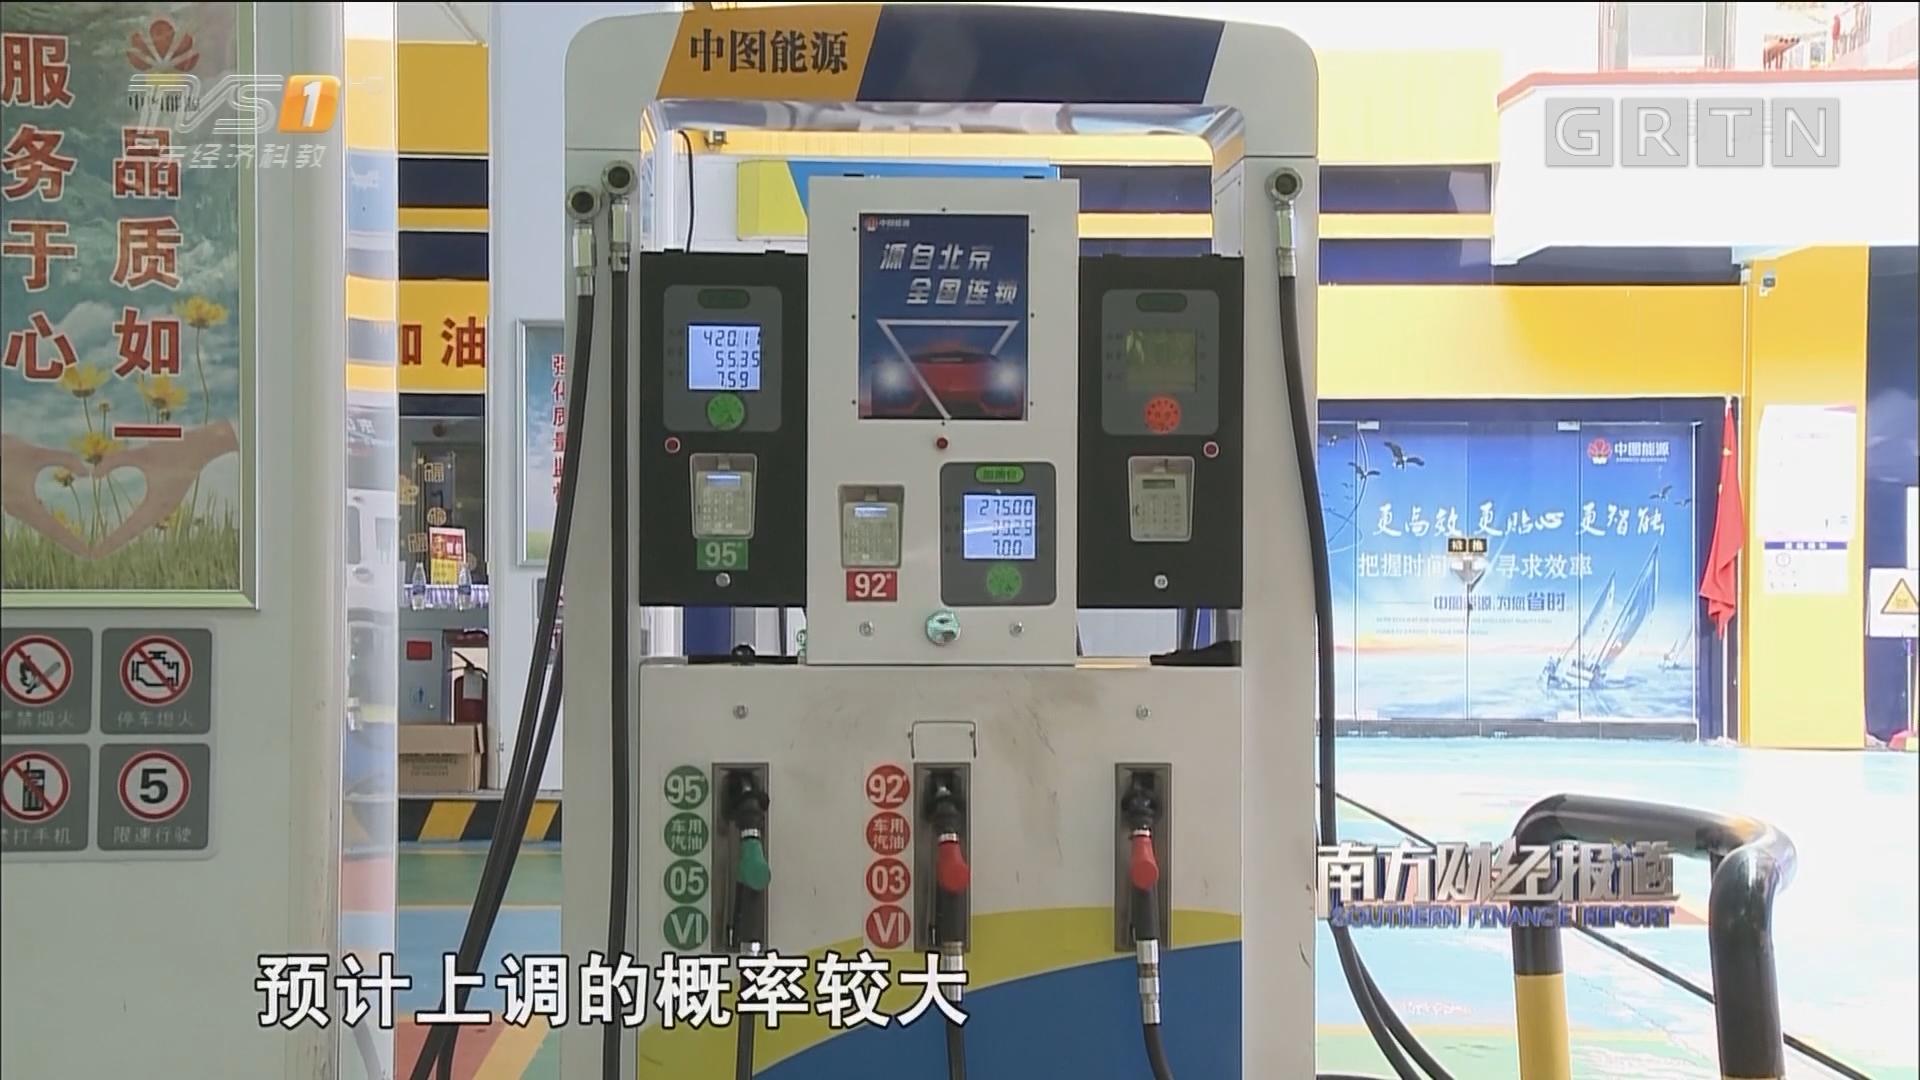 明日油价或再涨一波 您的油箱加满了吗?